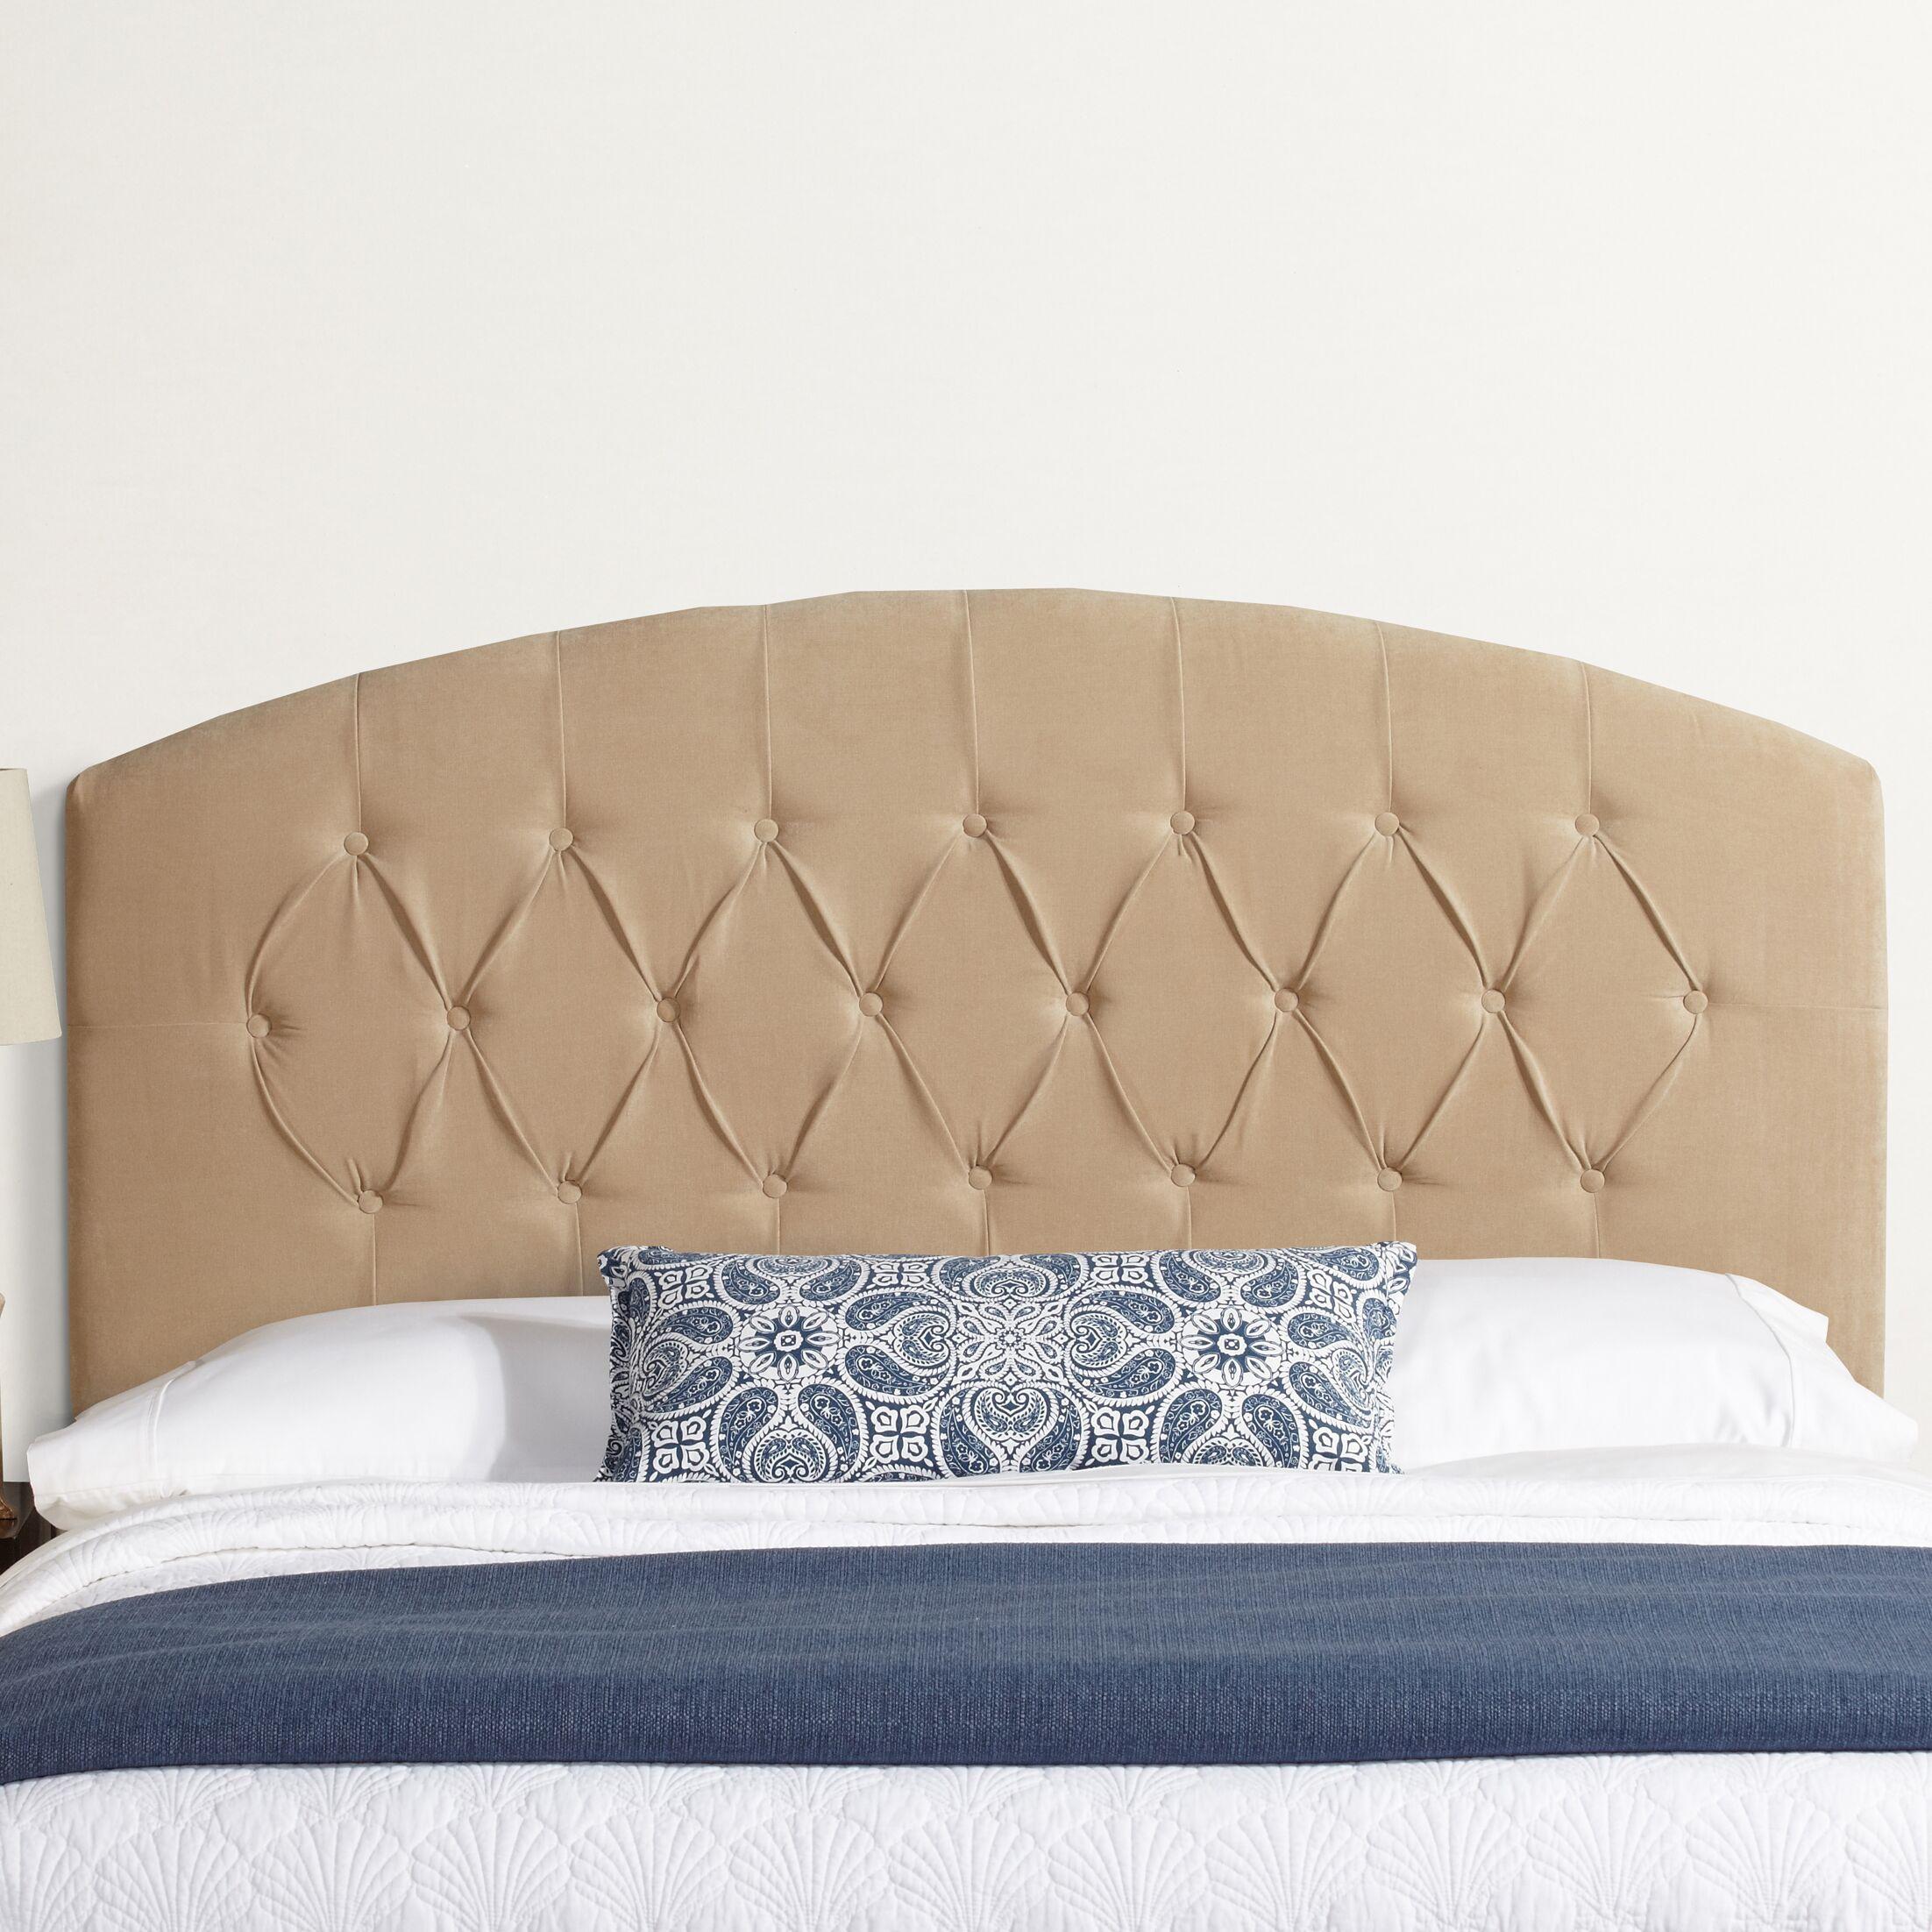 Lesa Curved Upholstered Headboard Size: Queen, Upholstery: Sand Velvet